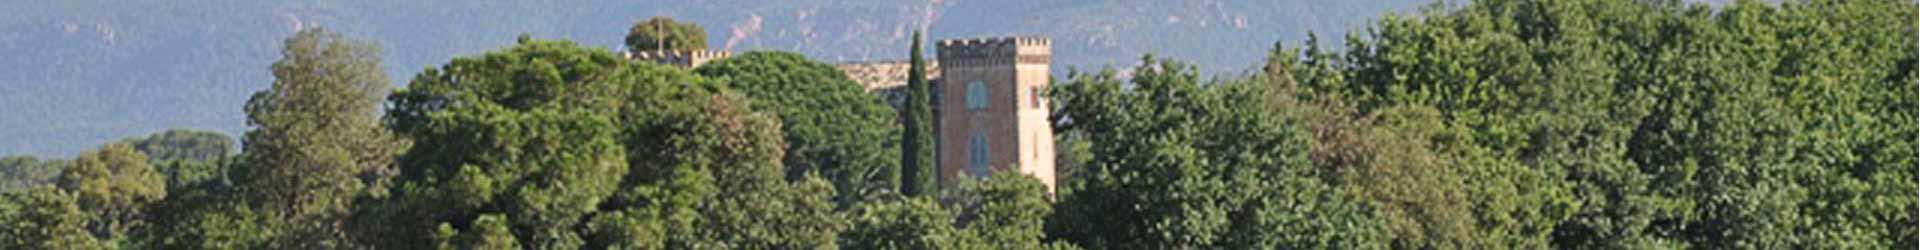 Château Vaucouleurs